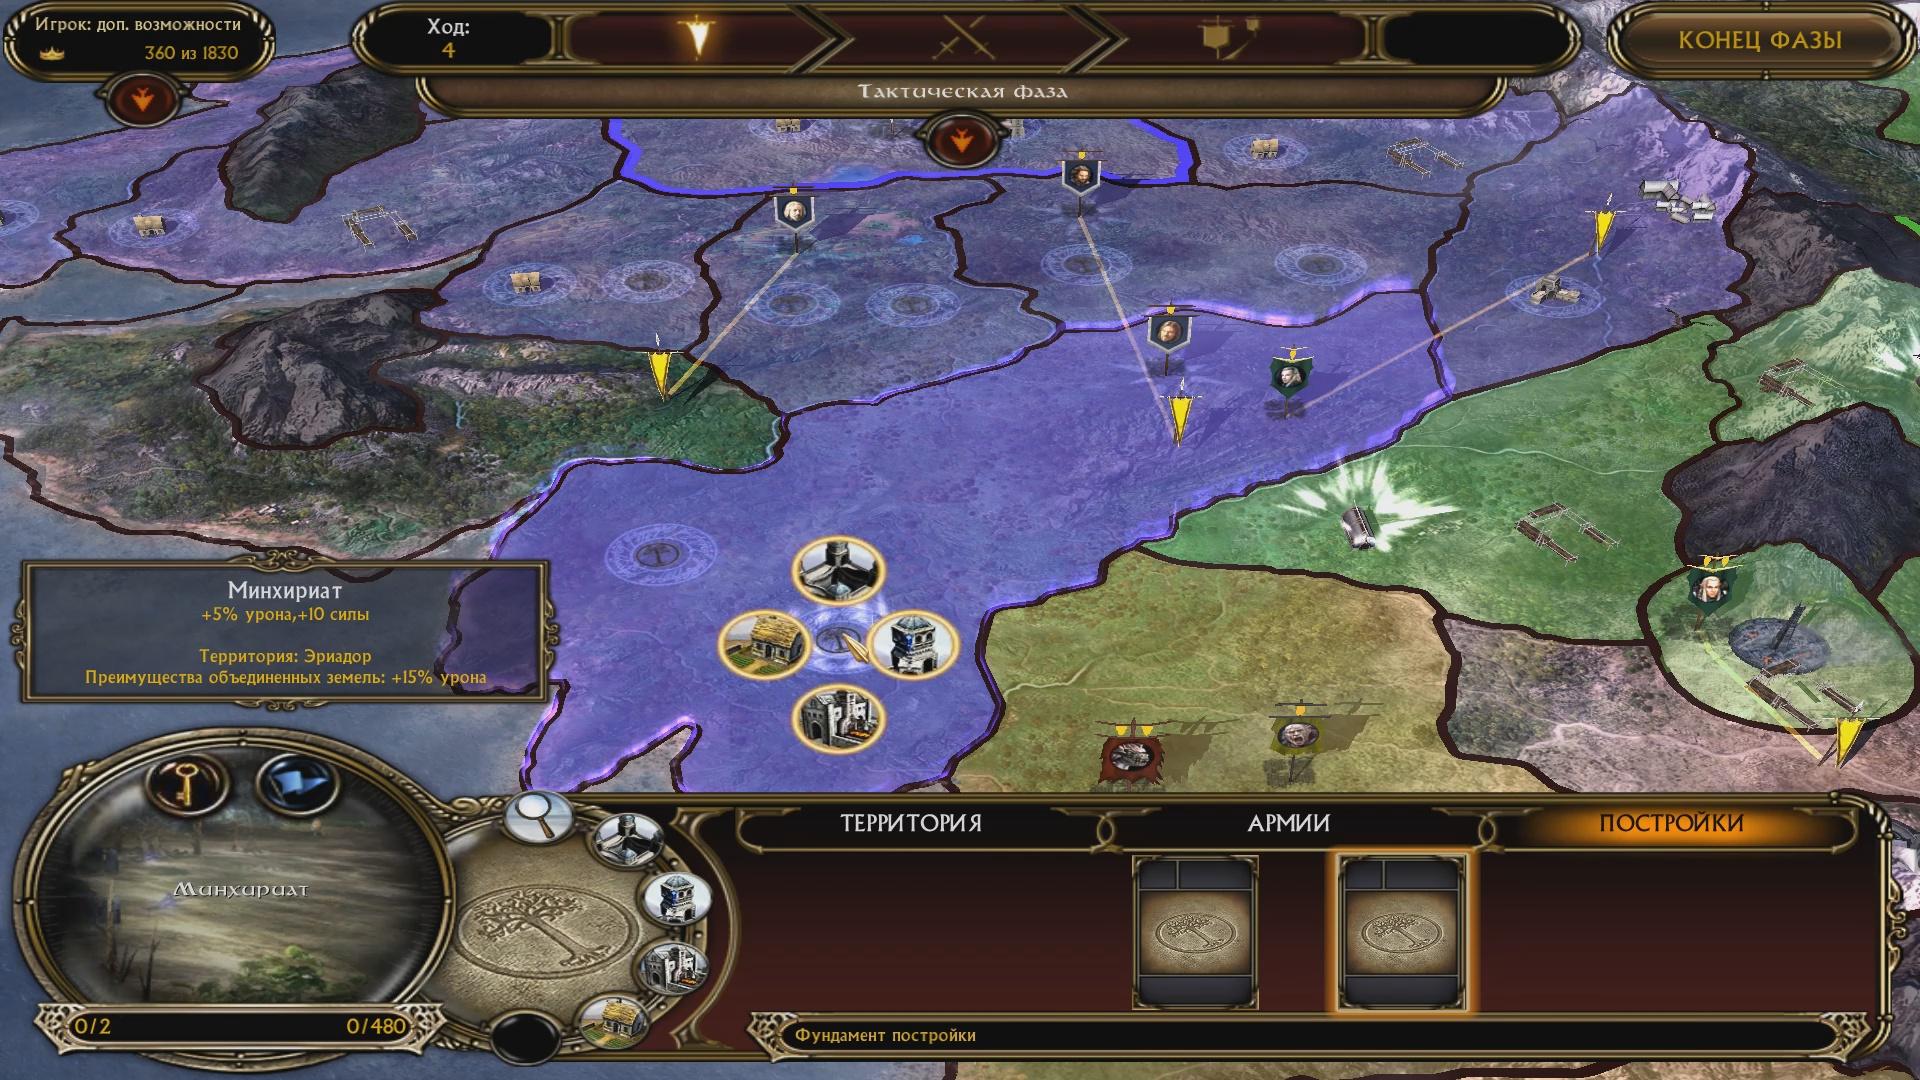 Ретроспективный обзор The Battle for Middle-Earth II | Битва за Средиземье 2. - Изображение 18